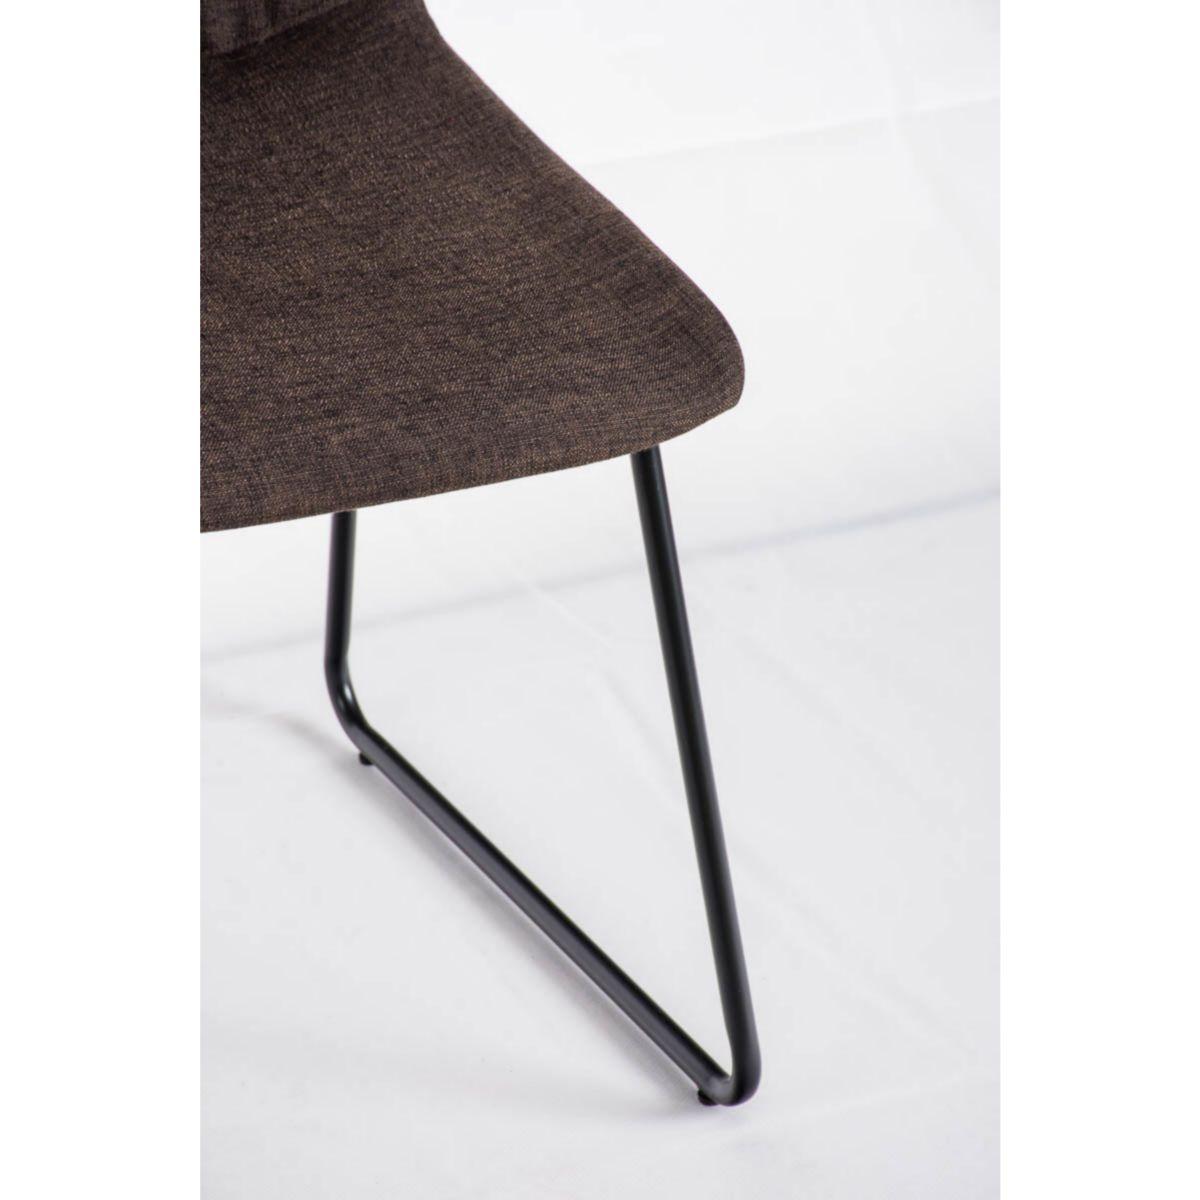 CLP Hochlehner Küchen-Stuhl FRANCIS gepolstert, Stoff-Bezug, Metallgestell schwarz, Esszimmerstuhl, Besucherstuhl modern jetztbilligerkaufen